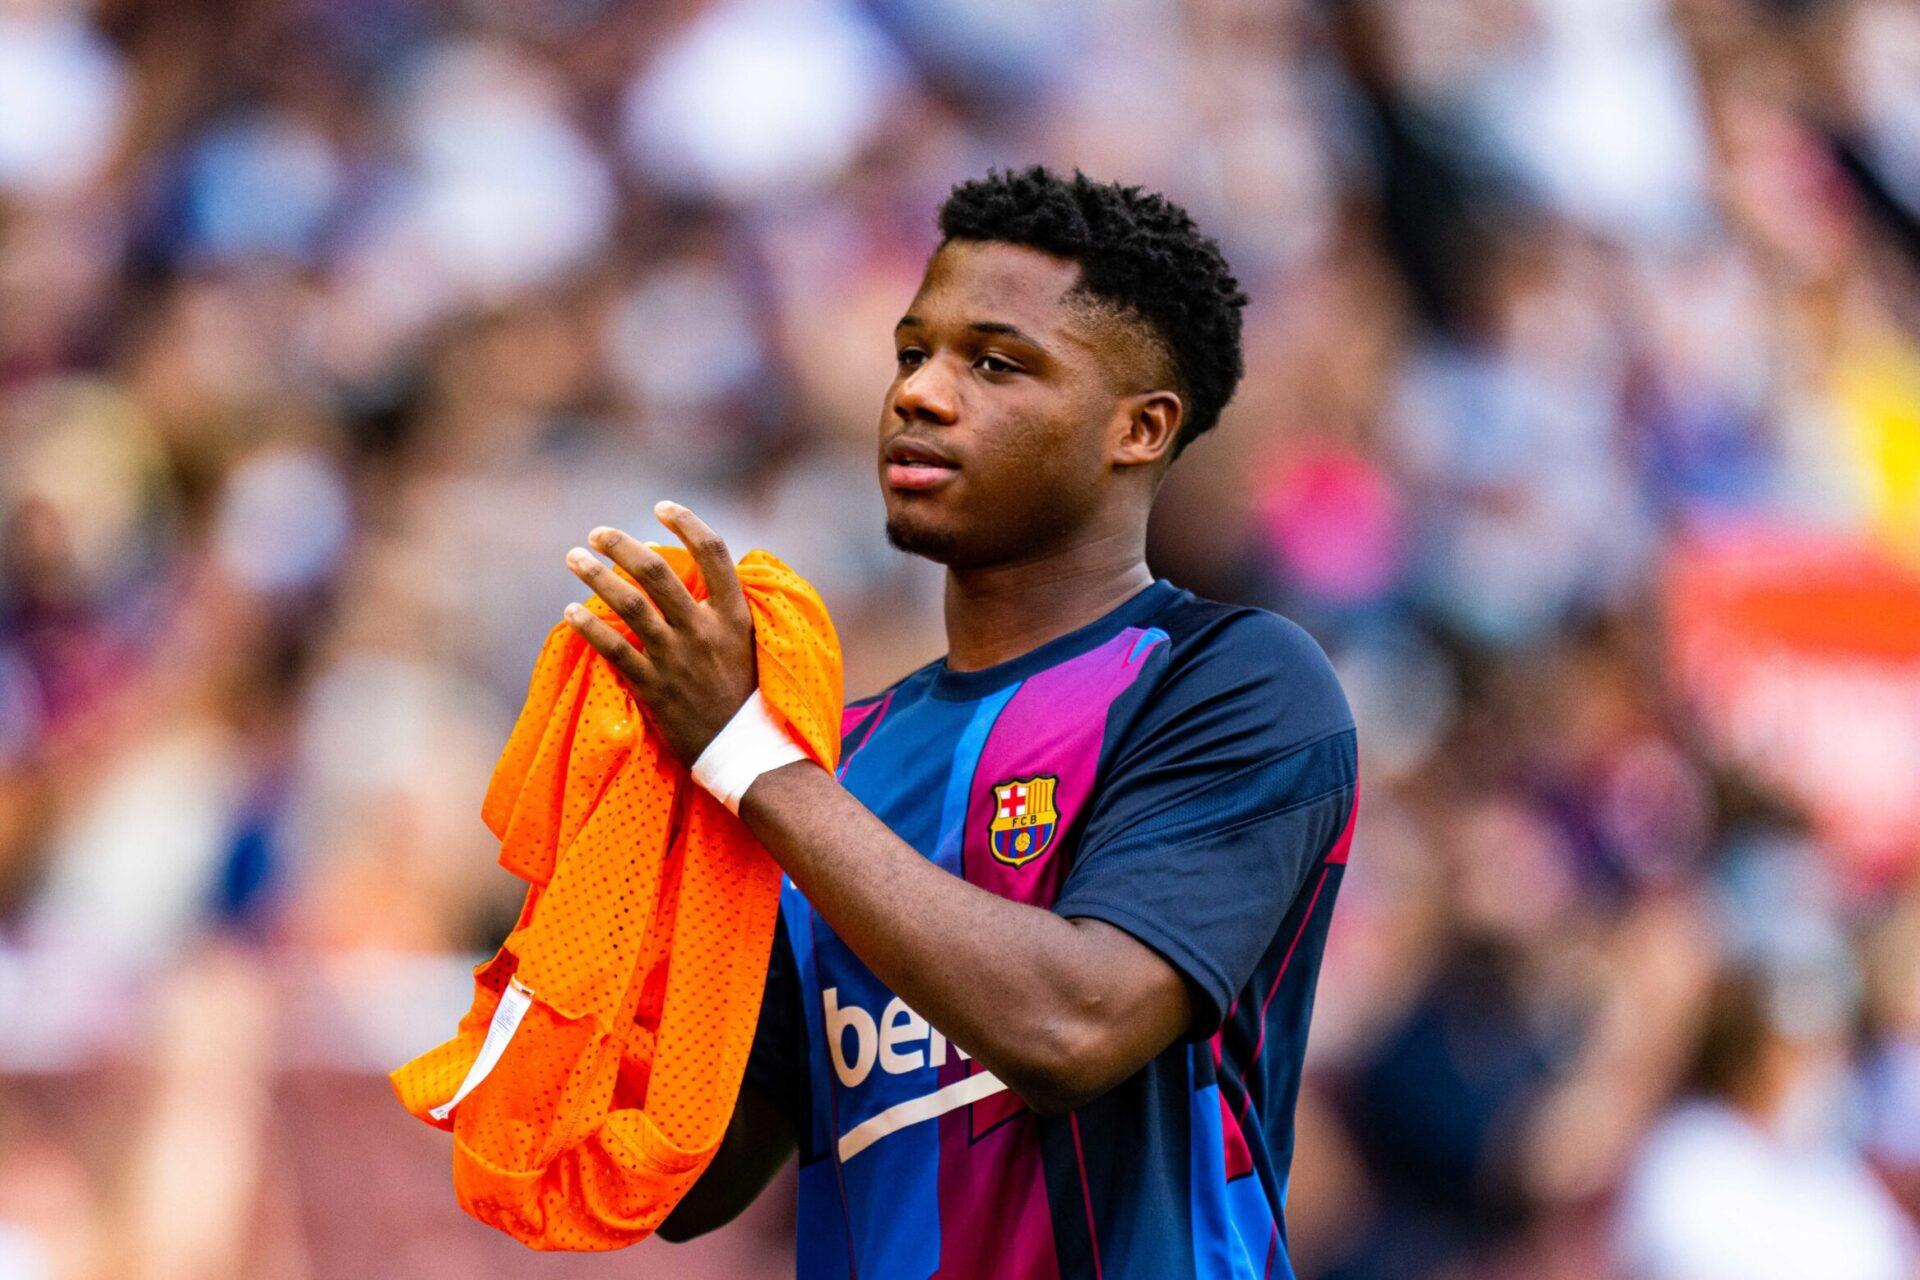 Fati devrait d'abord signer un nouveau contrat court, avant un nouveau bail plus long quand la situation économique du Barça le permettra (iconsport)